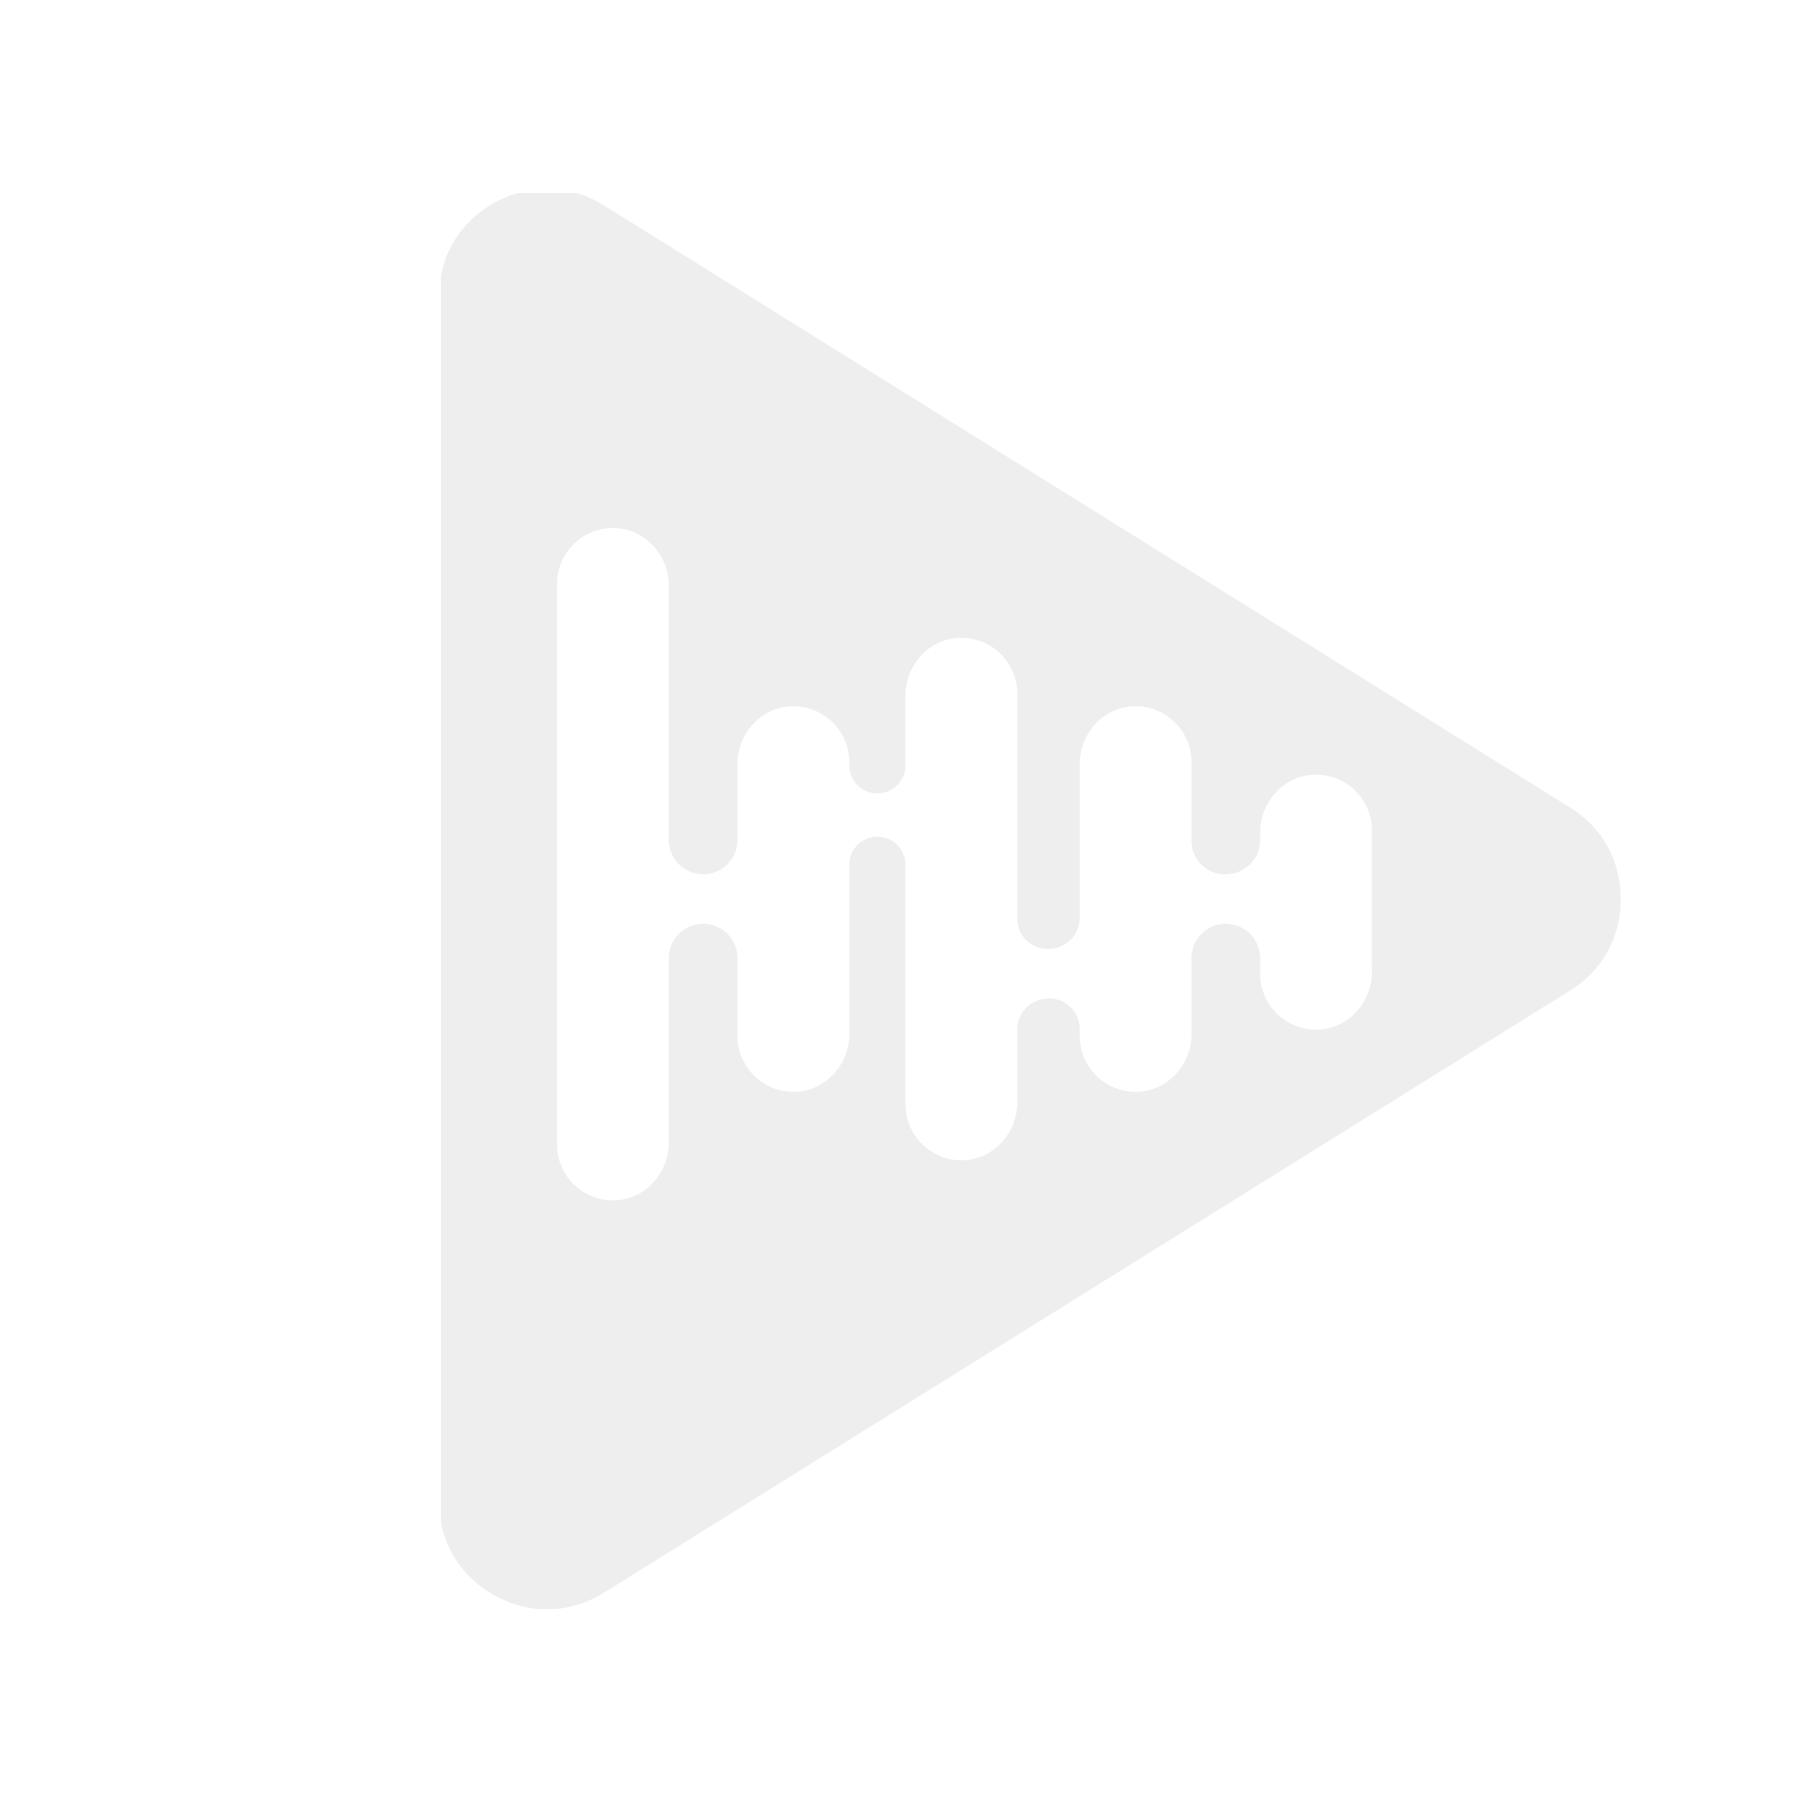 StP HOOD SOLUTION - Støydempende materiale /m lim, varmeblokkering, for panser (1,12m2)